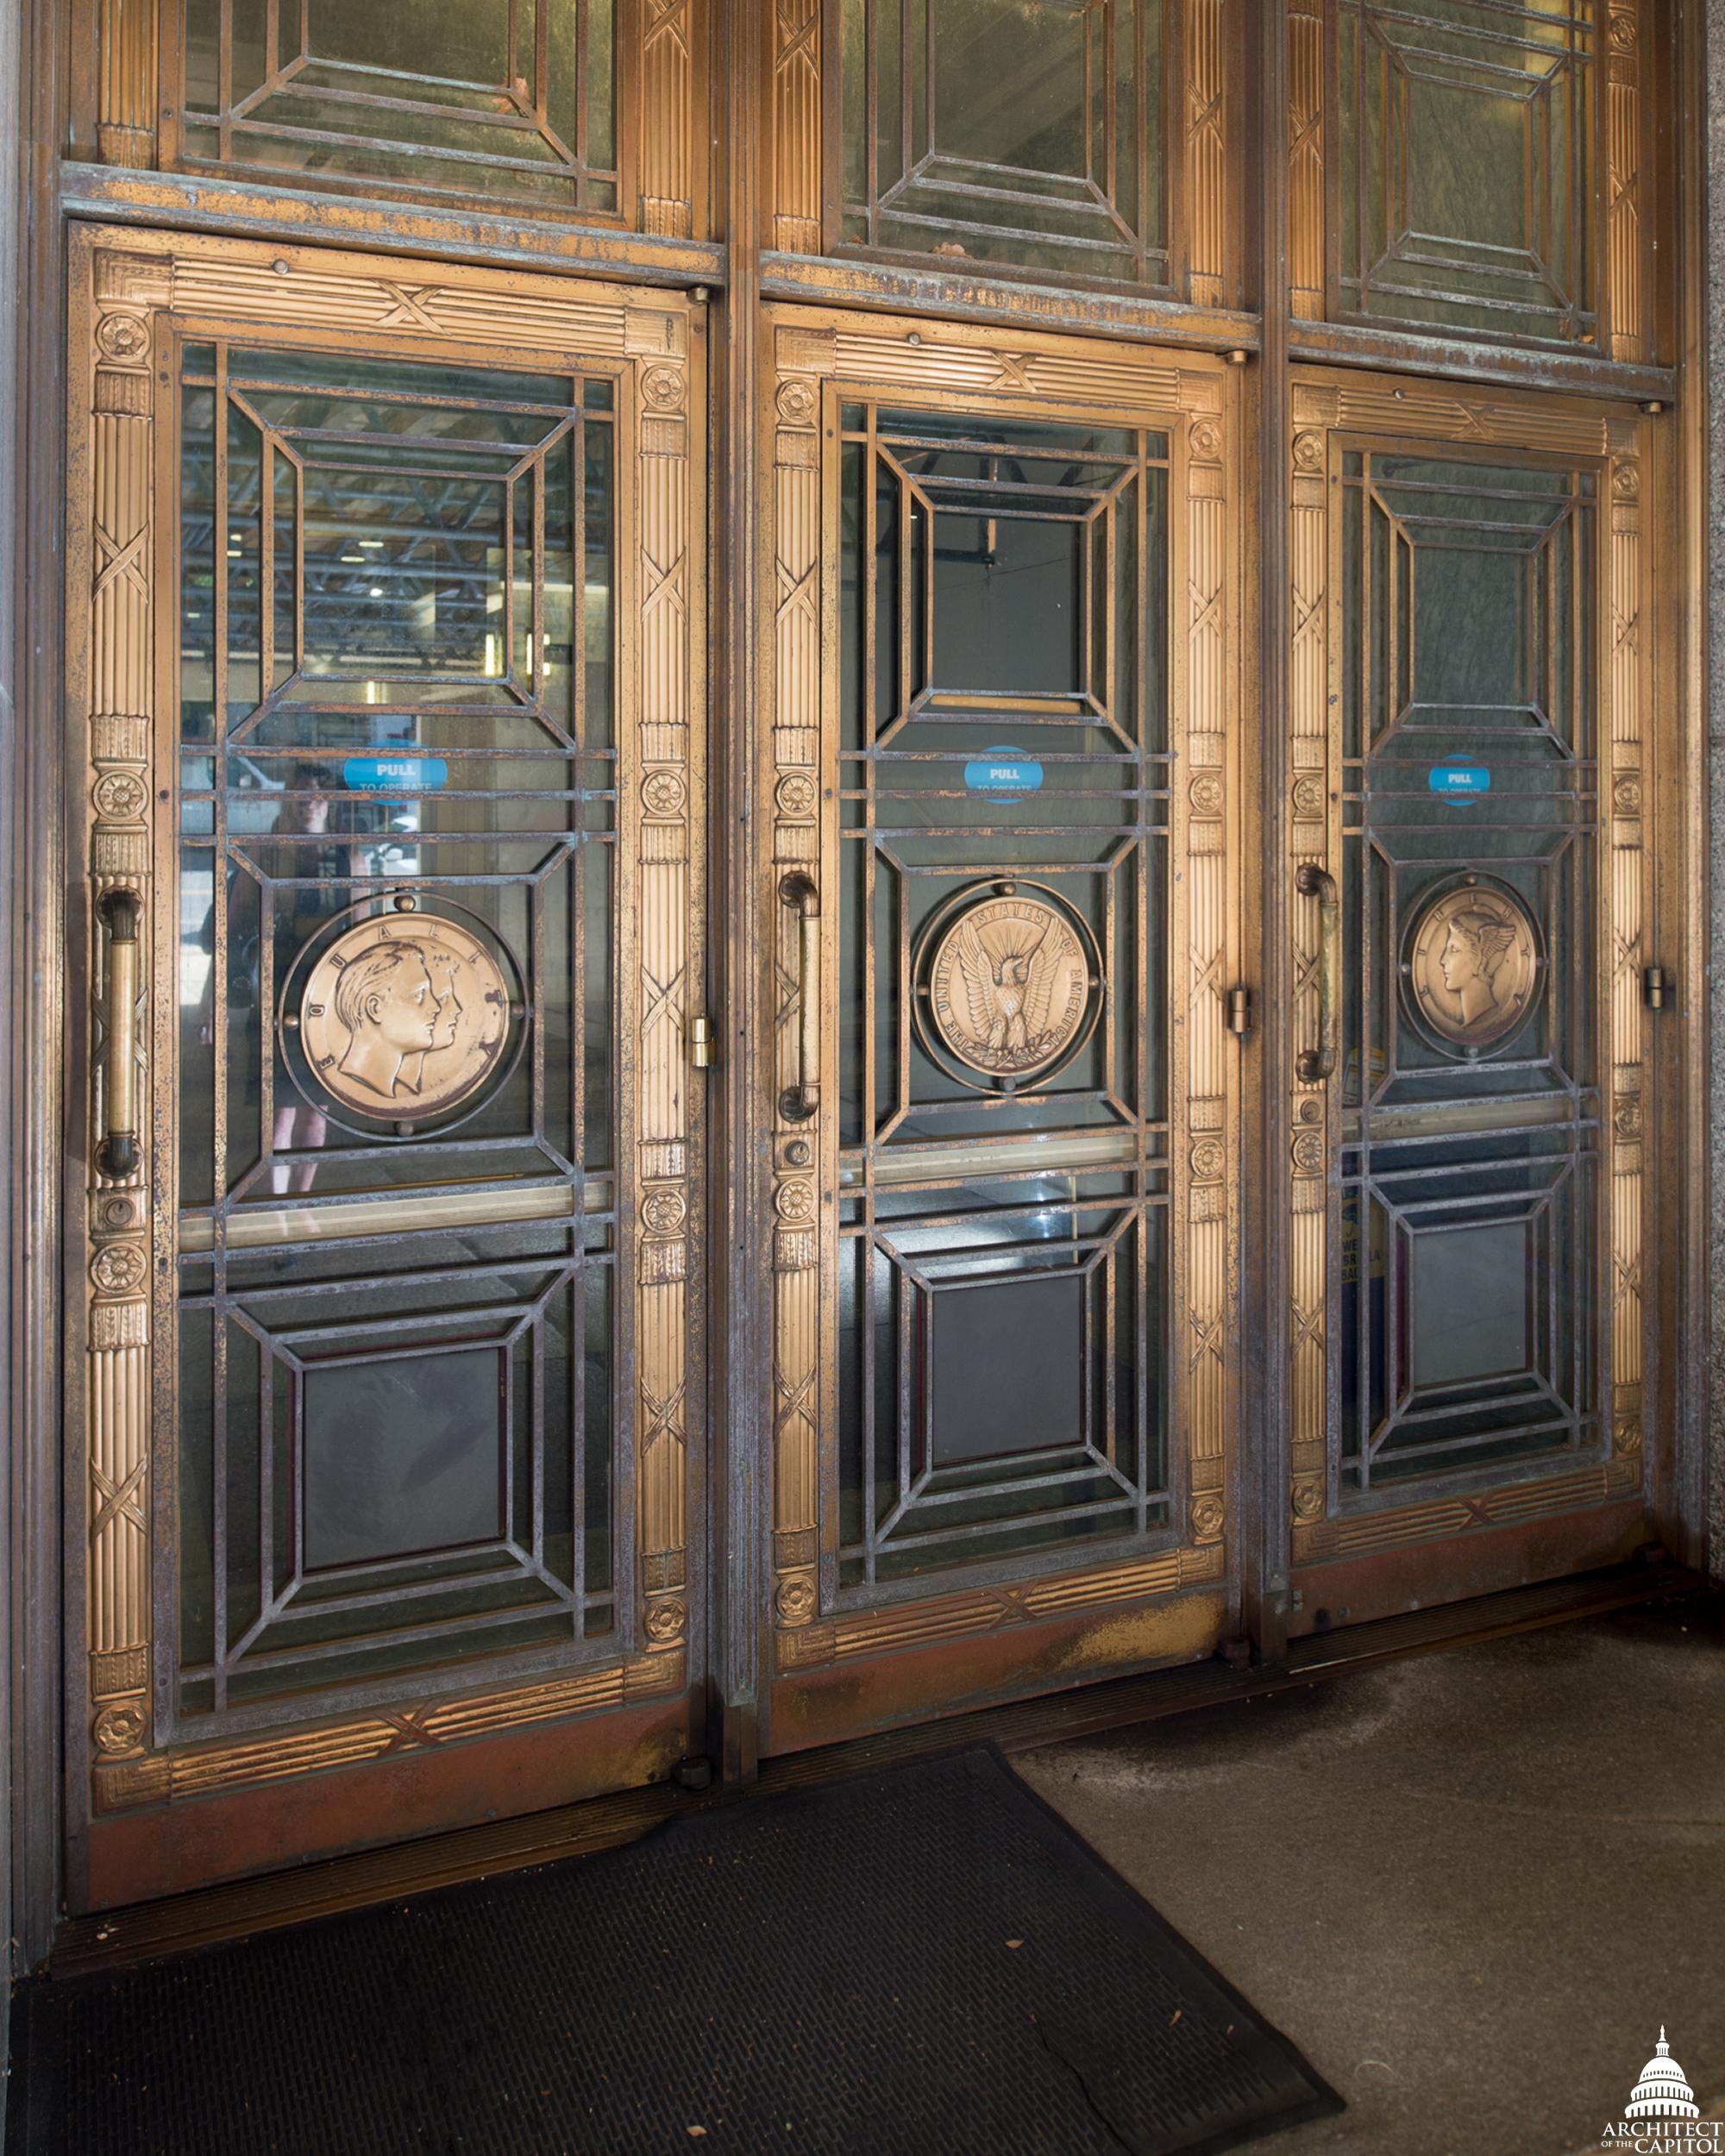 FileBronze Door Medallions (29168706441).jpg & File:Bronze Door Medallions (29168706441).jpg - Wikimedia Commons